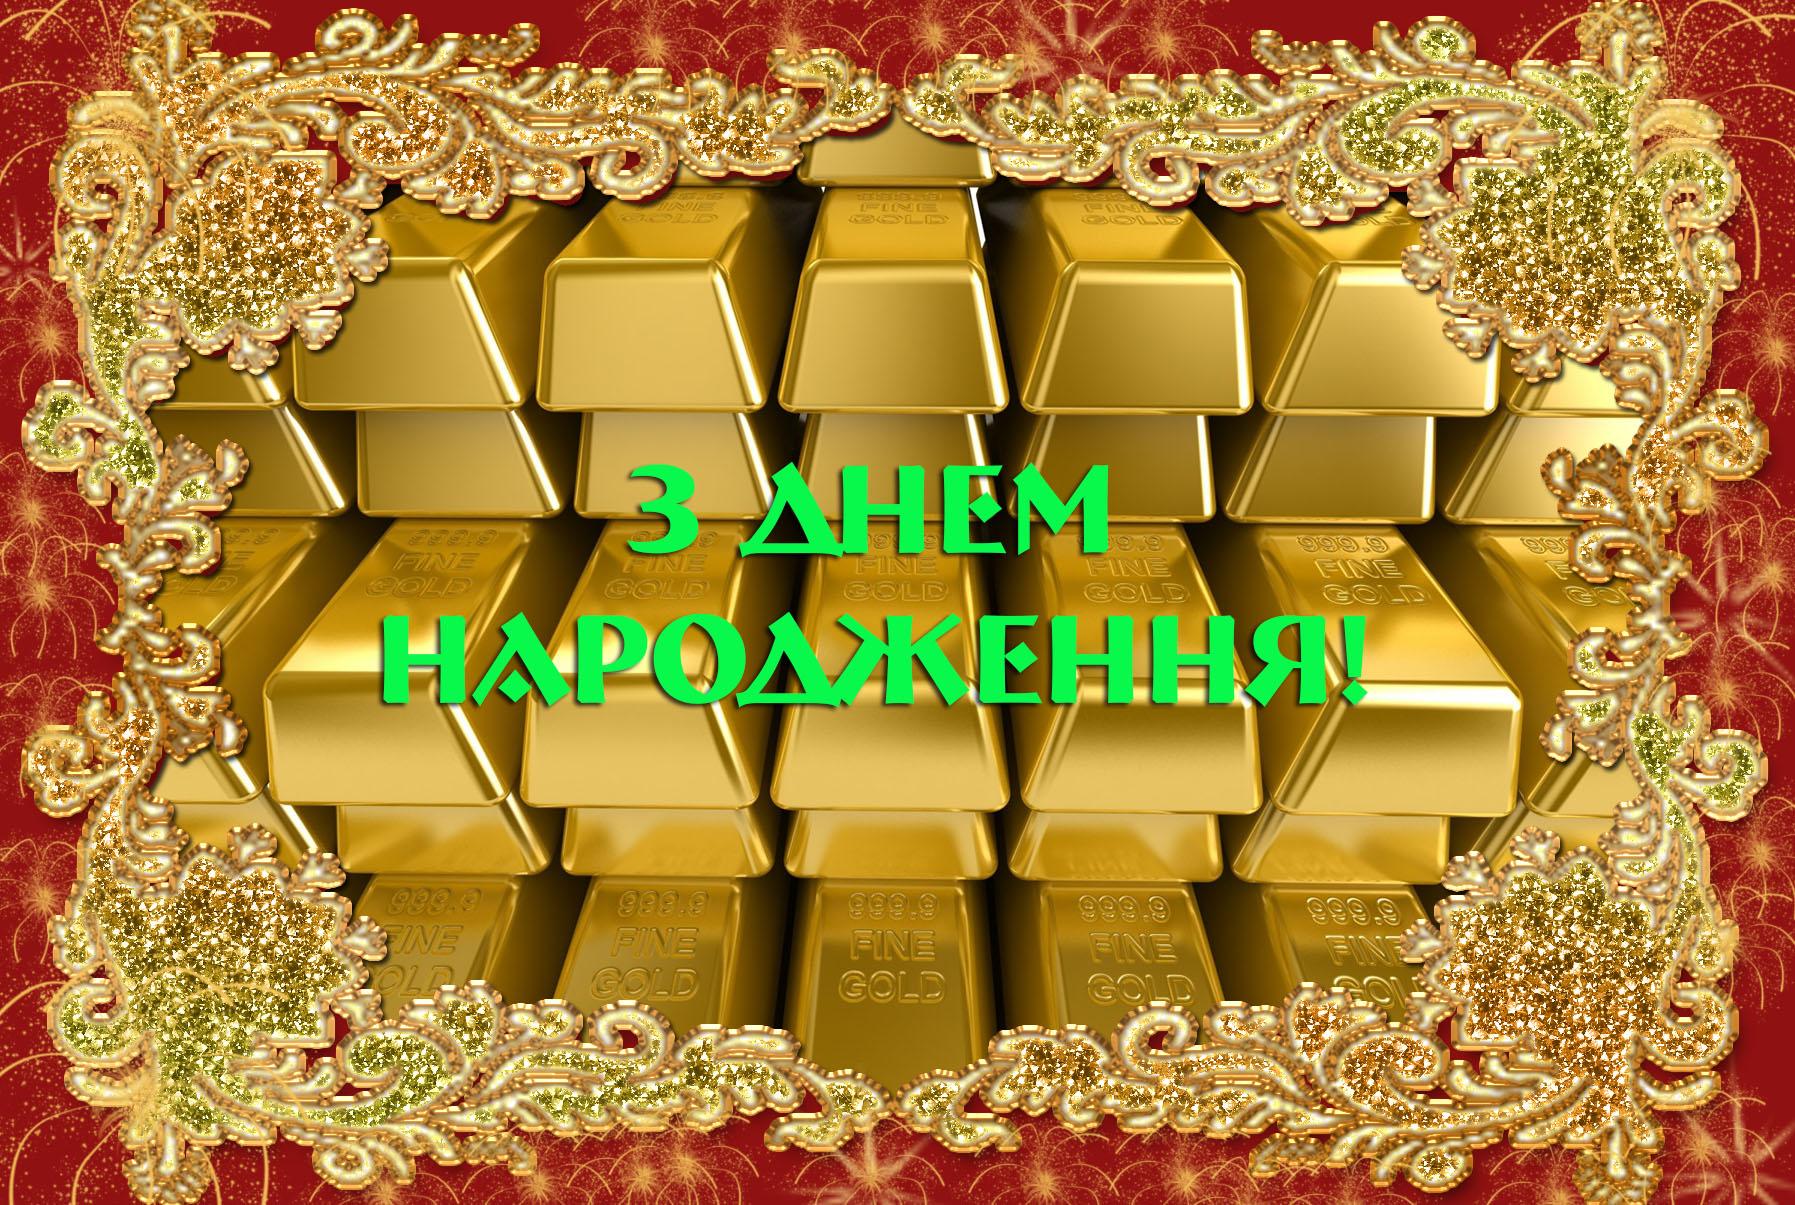 Побажання на день народження (укранською мовою) - Поздравок 45